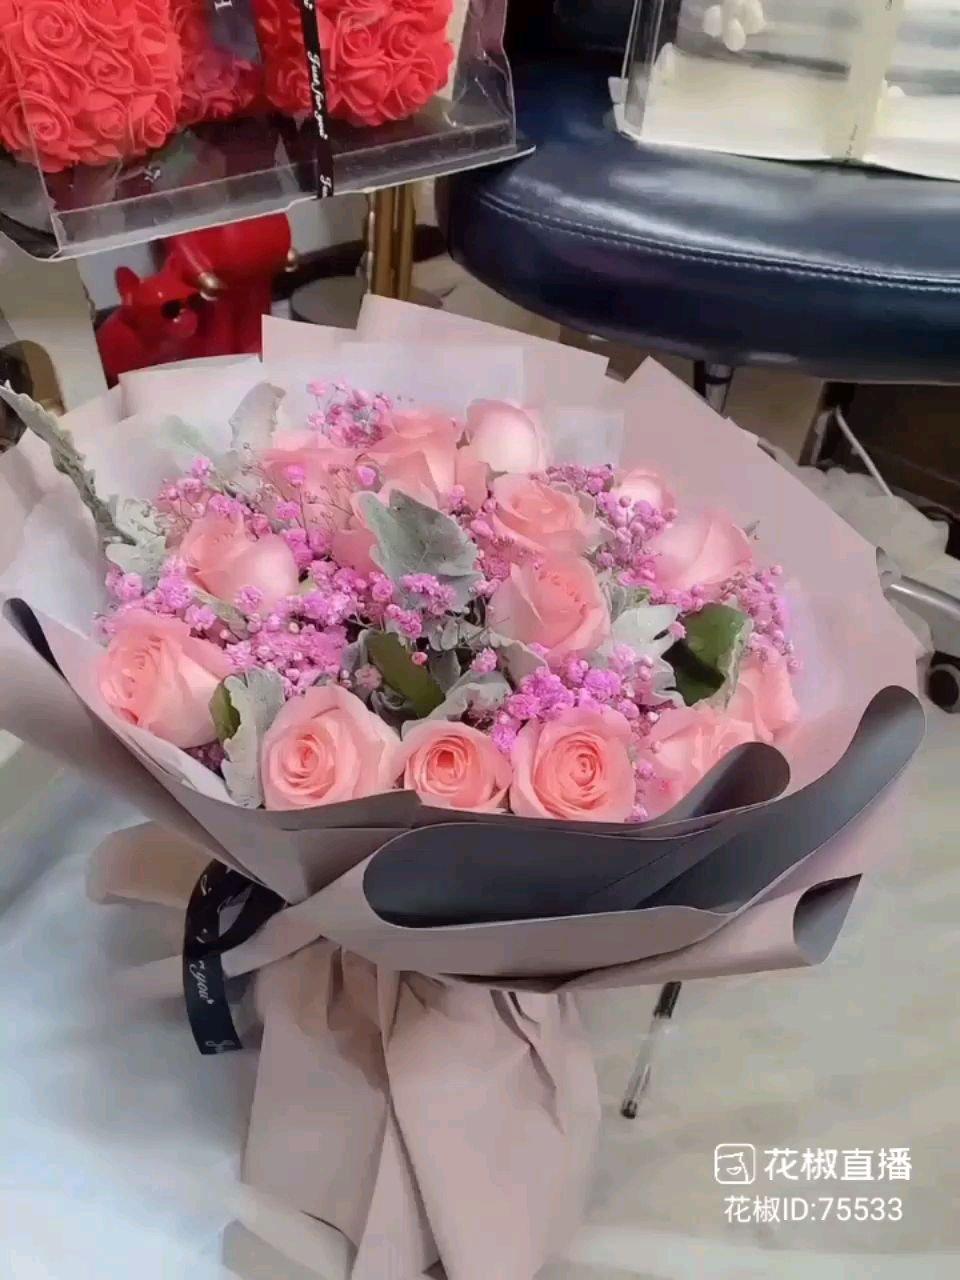 #花椒星闻 @花椒热点  @心有林汐cc?10月22号生日会 花椒直播间生日庆典完美结束。@心有林汐cc?10月22号生日会 分享她的快乐,分享她的喜悦,家人们送上美美的花,送上美美的礼物,直播间的哥哥们送上霸气的礼物支持,送上最真挚的生日祝福。  昨晚20:00点@心有林汐cc?10月22号生日会 直播间生日庆典如约举行,家里的哥哥们,花椒的主播们纷纷来到@心有林汐cc?10月22号生日会 直播间送上生日祝福,送出各种唯美礼物,真爱哥哥送出君临天下威武霸气的礼物,@心有林汐cc?10月22号生日会 动态